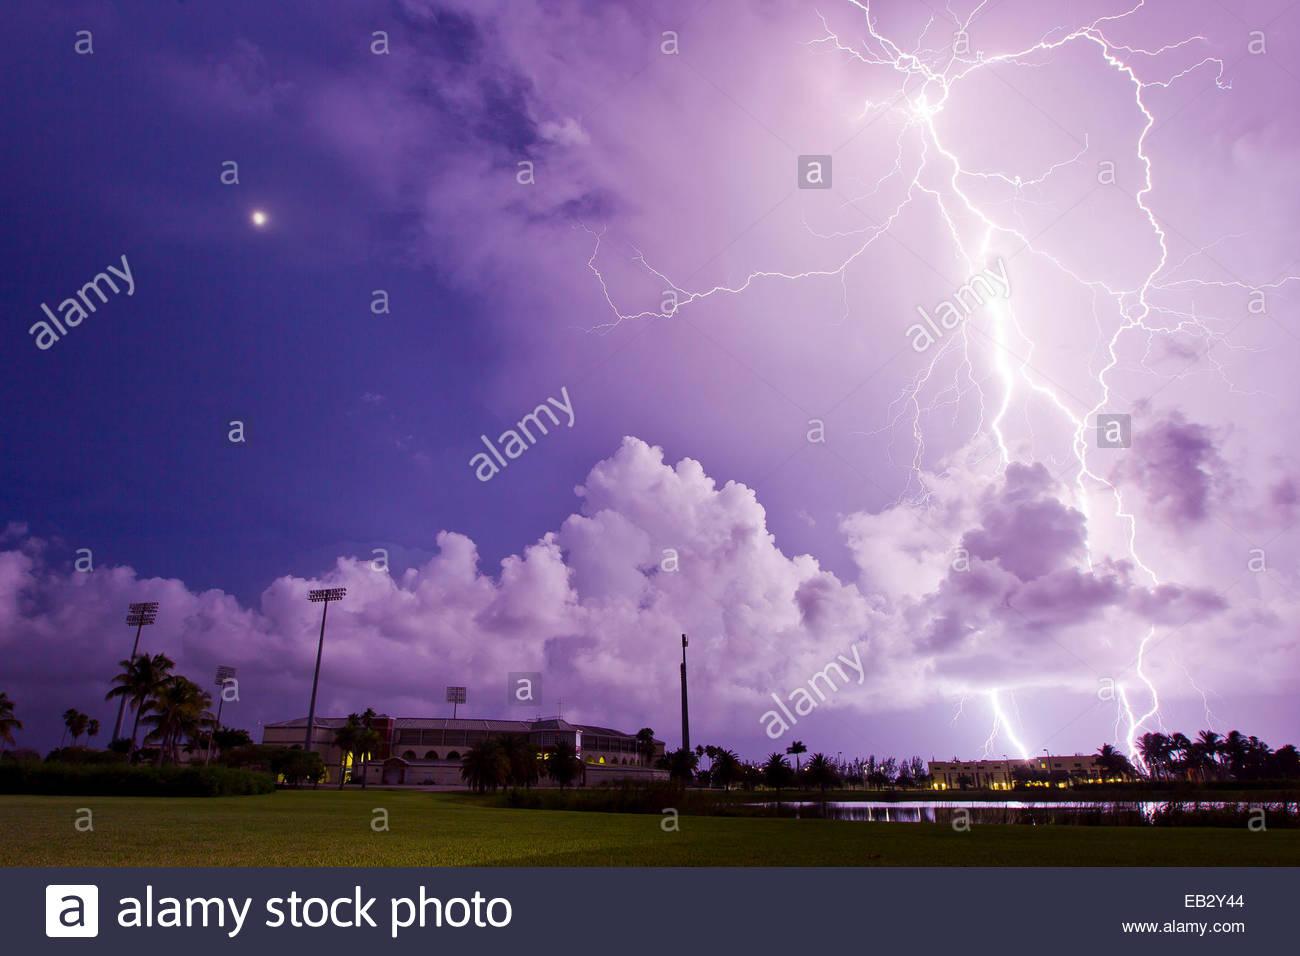 Un violent orage s'allume le ciel pourpre à la nuit. Photo Stock